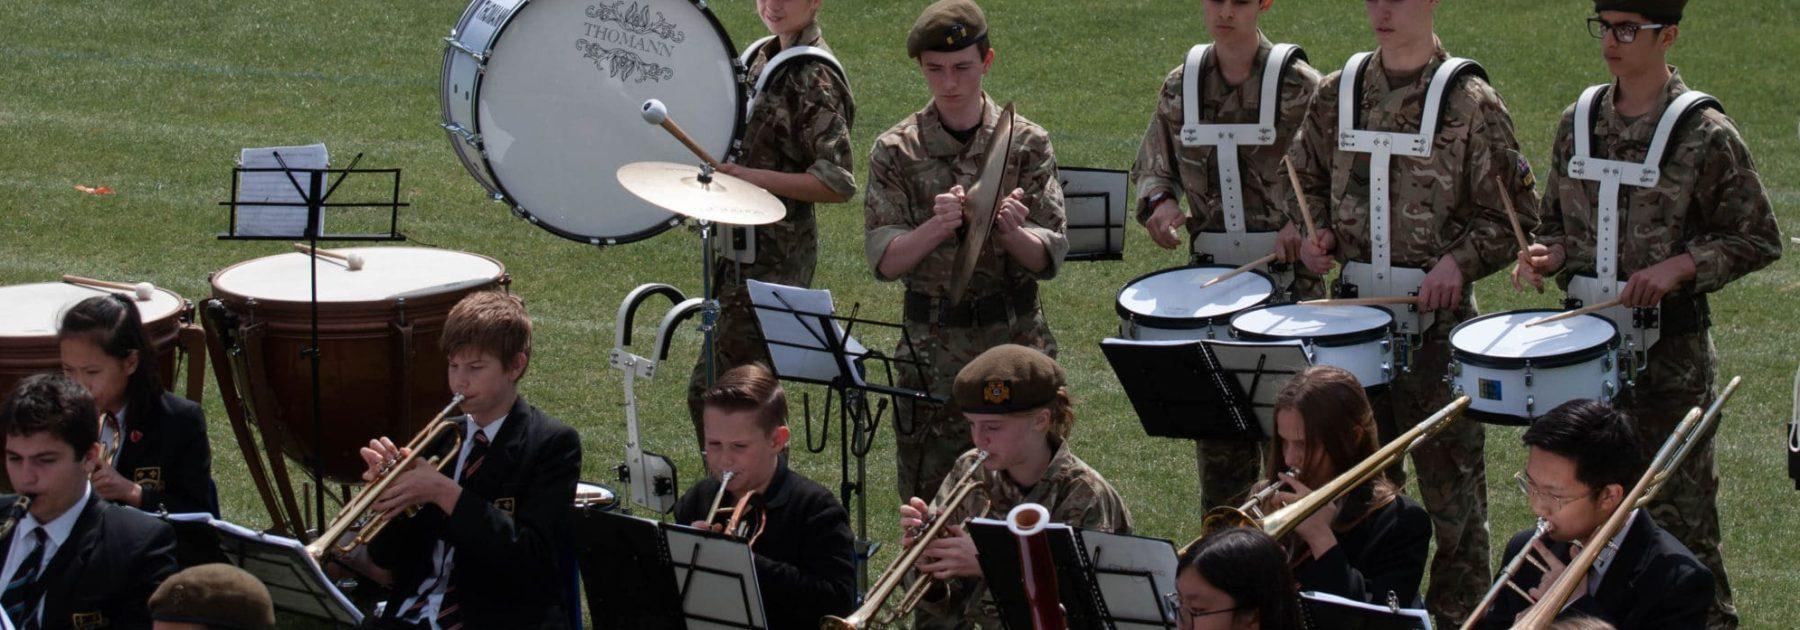 Caterham Wind Orchestra CCF Showcase